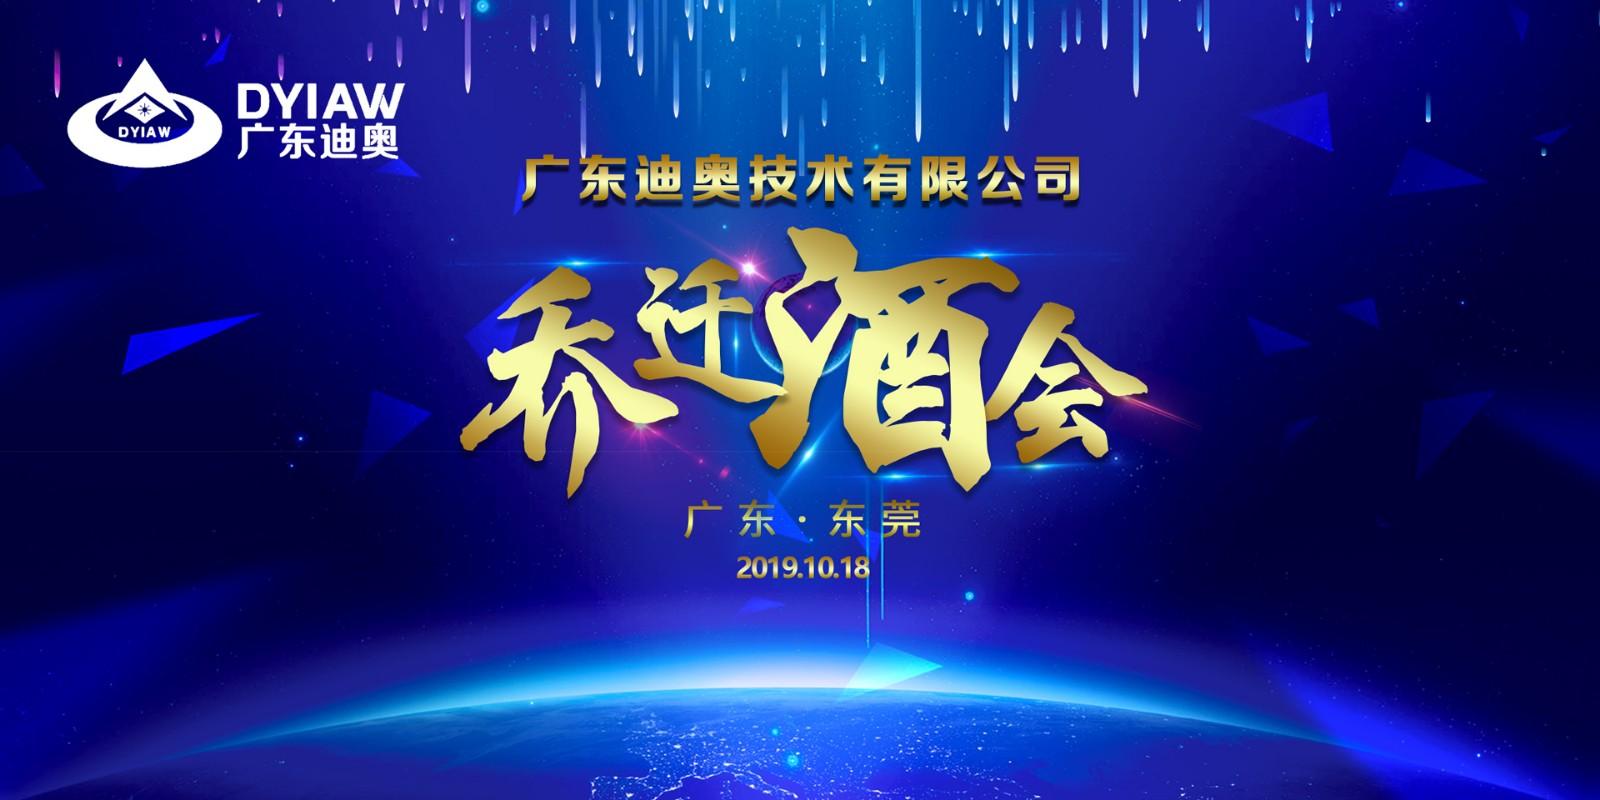 广东龙8国际pt技术有限公司乔迁酒会_视频回顾